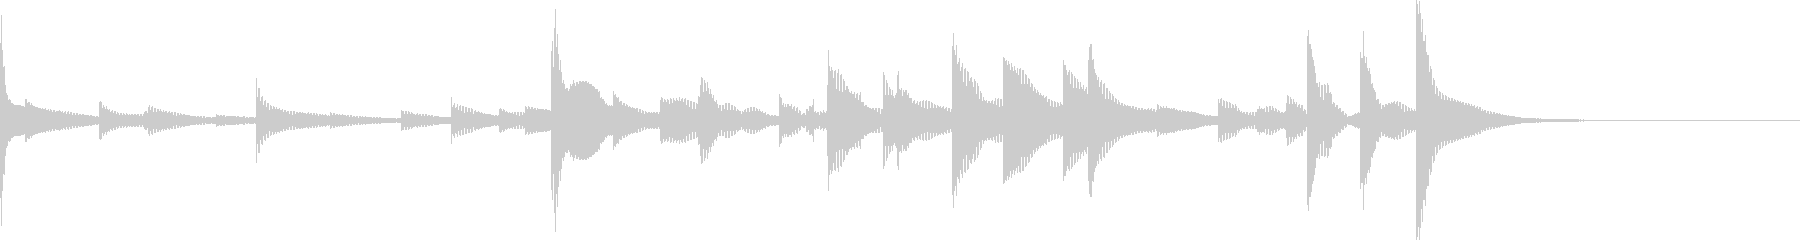 ベルチャイム:ハイメタル。の未再生の波形